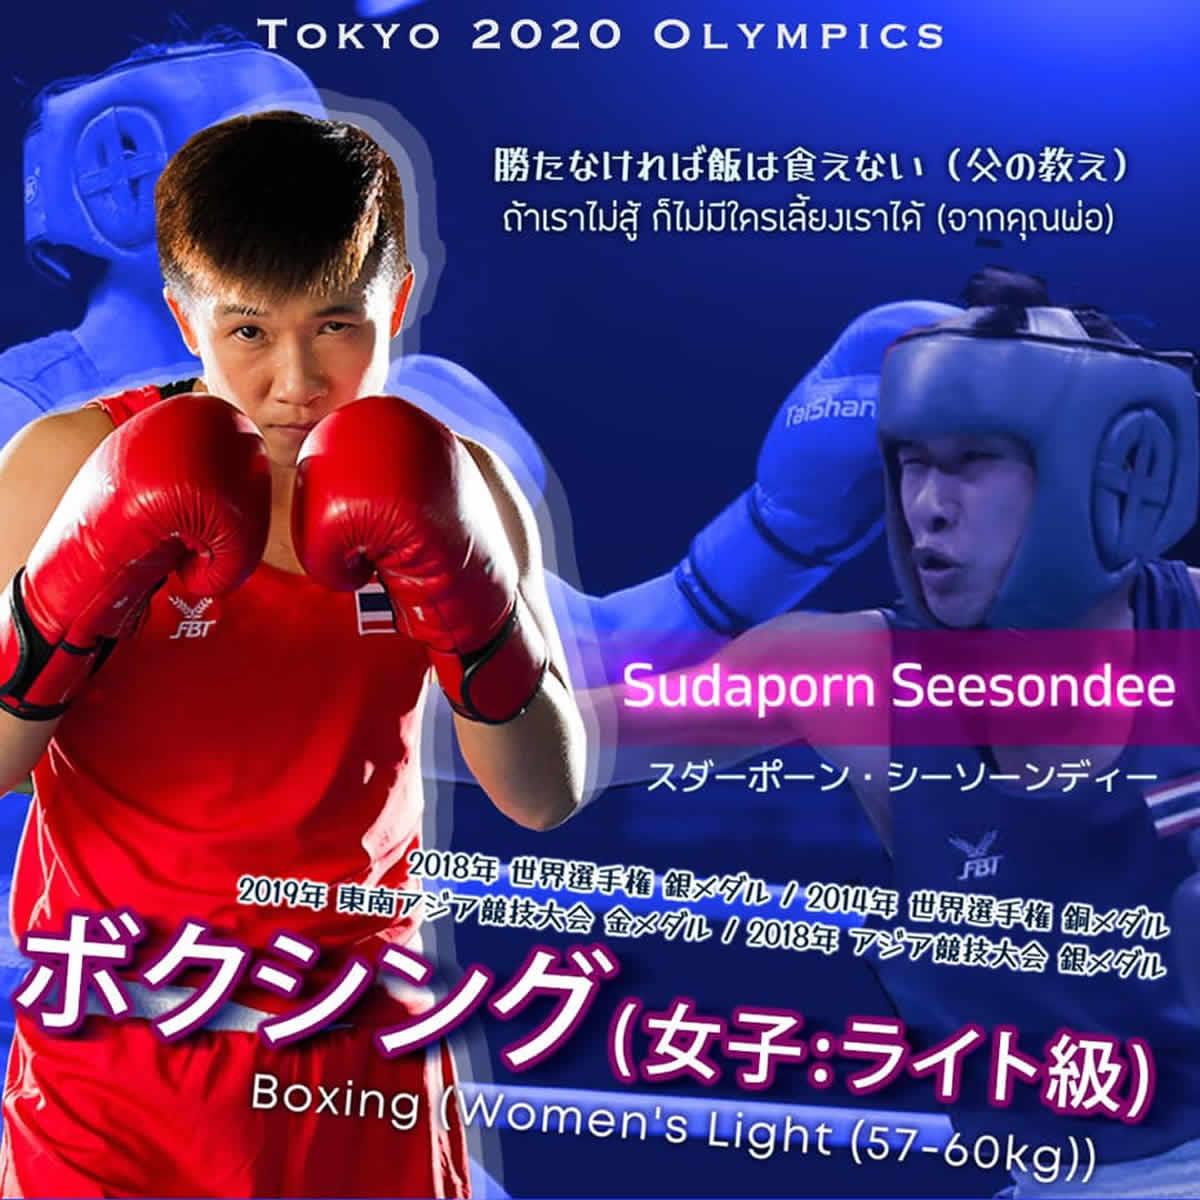 スダーポーン・シーソーンディー(テウ)選手[女子ボクシング タイ代表]東京2020オリンピック